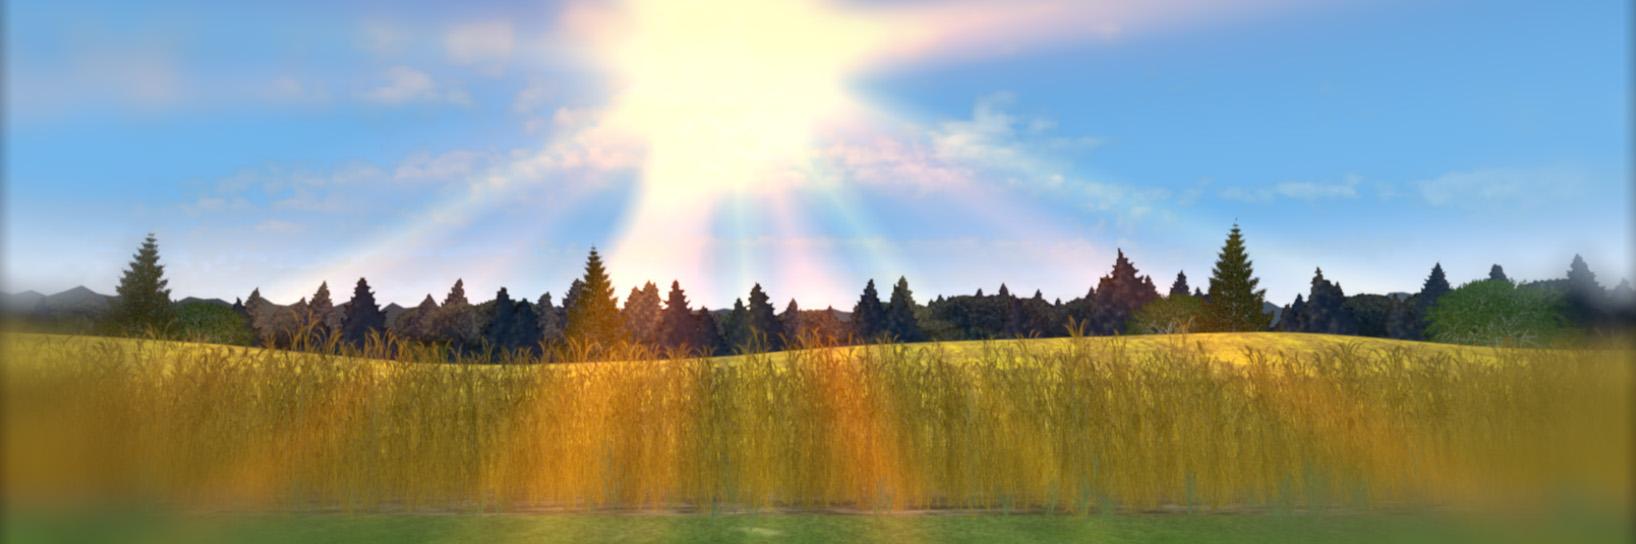 FIERA_wheat1.jpg